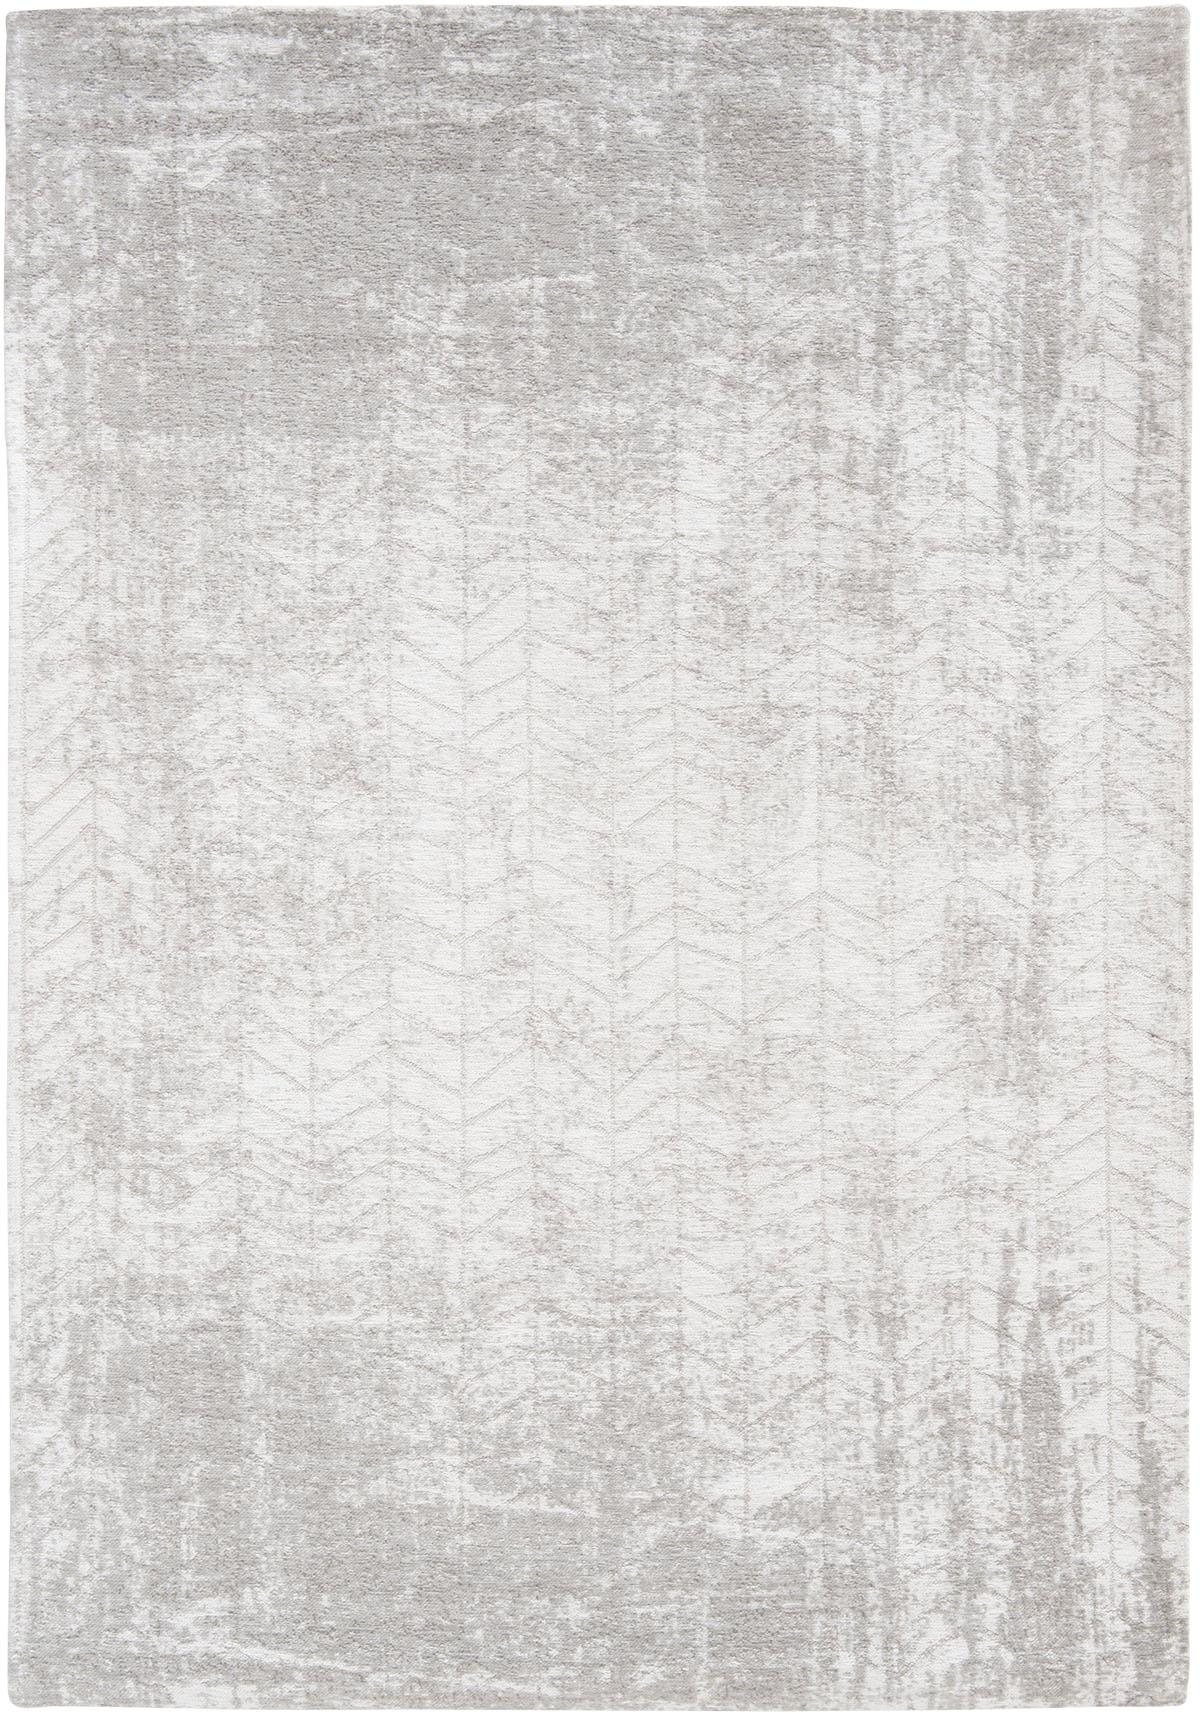 Biały Dywan w Jodełkę - WHITE PLAINS 8929 - Rozmiar: 200x280 cm